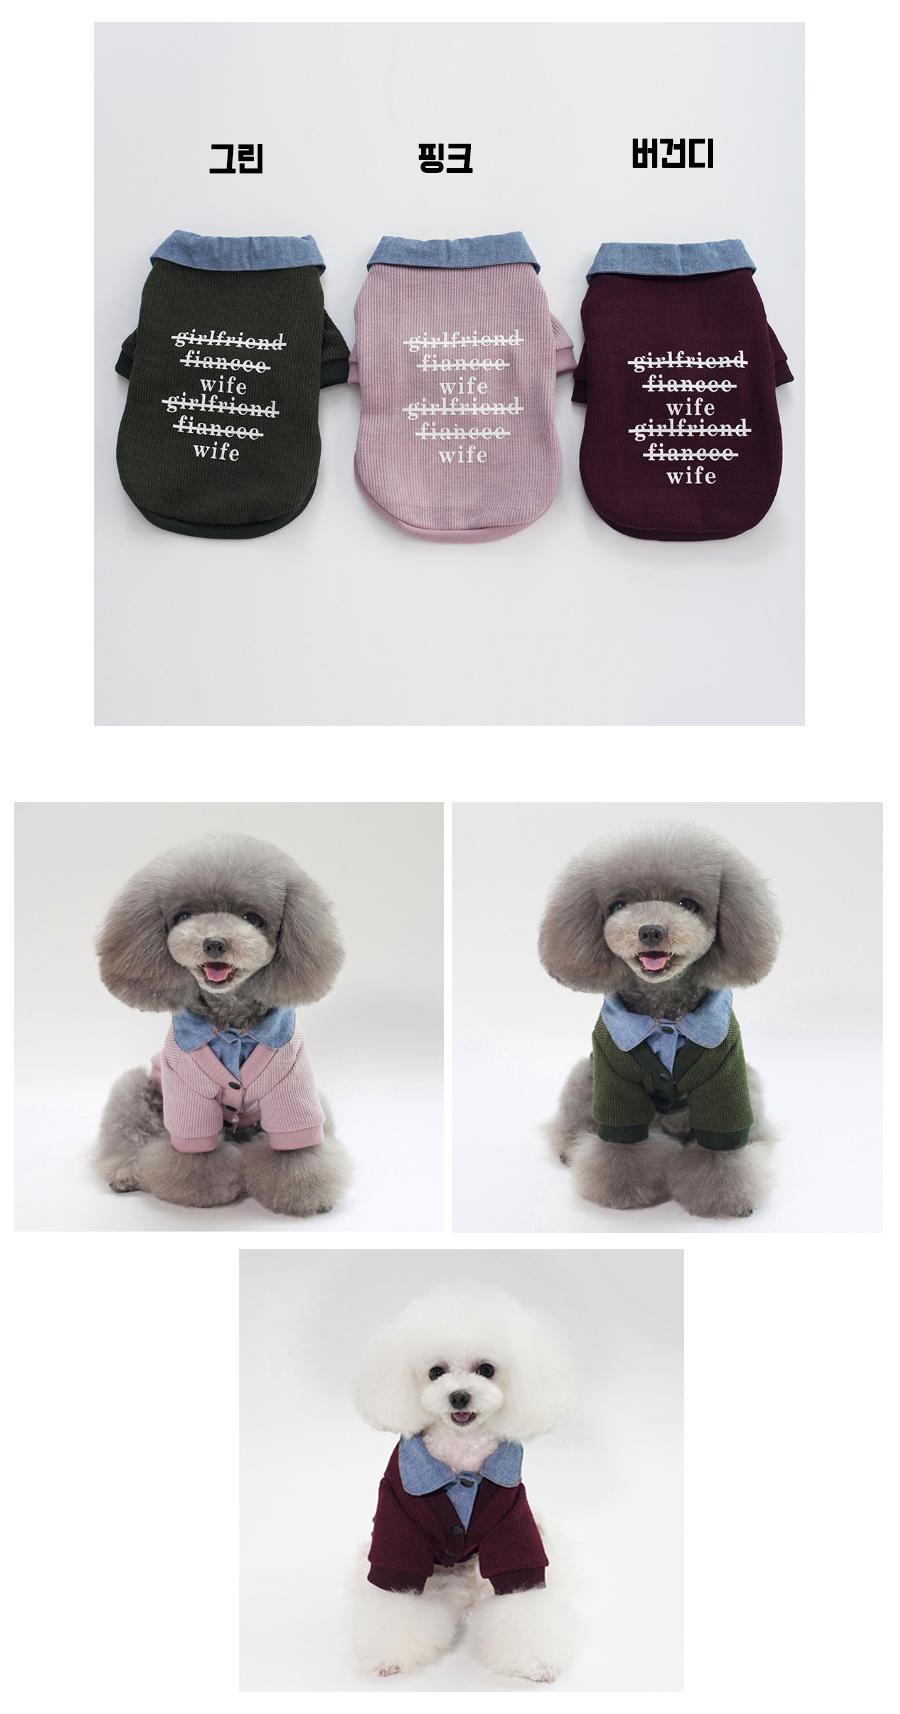 댕댕이 니트9,900원-제이케이펫샵, 강아지용품, 의류/액세서리, 의류바보사랑댕댕이 니트9,900원-제이케이펫샵, 강아지용품, 의류/액세서리, 의류바보사랑